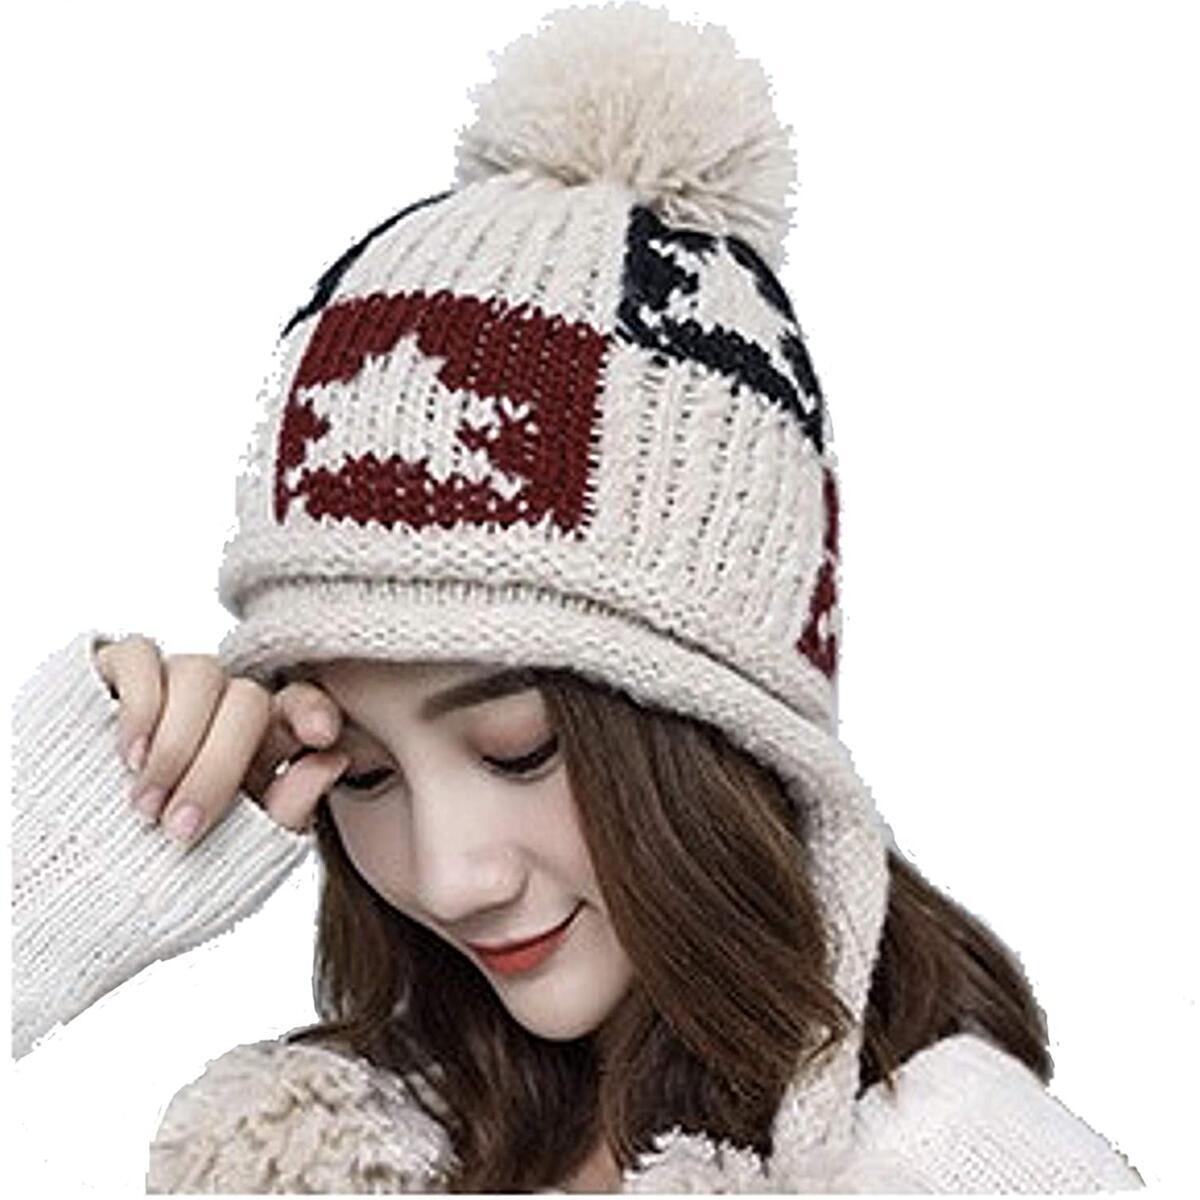 Women's Girls Cute Winter Cozy Earflap Knitted Pom Pom Ski Cap Hat Beanies